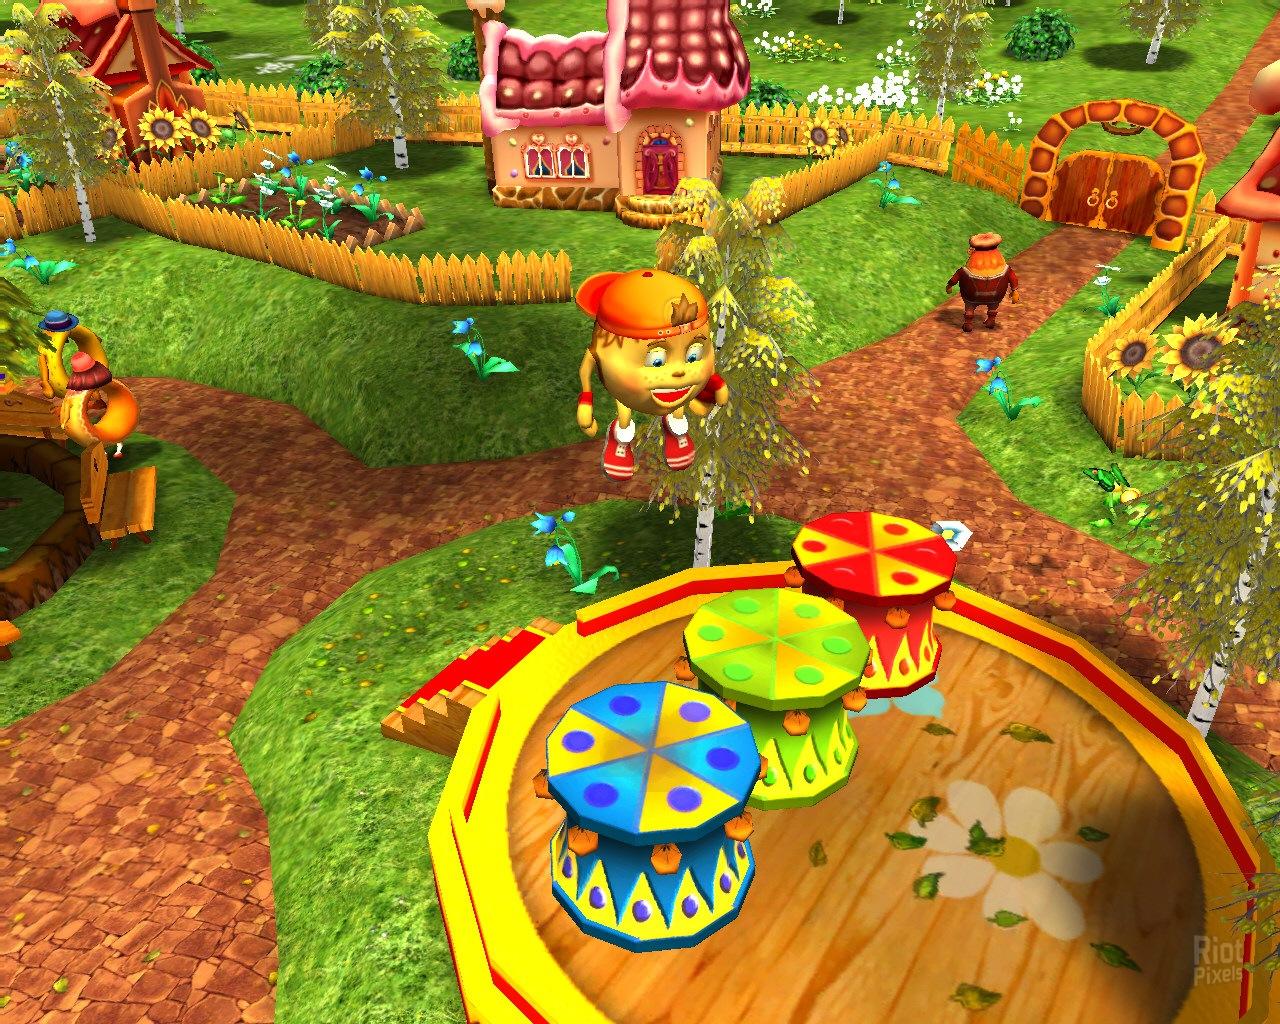 Колобок: Портальное приключение - онлайн игра на yayoye.